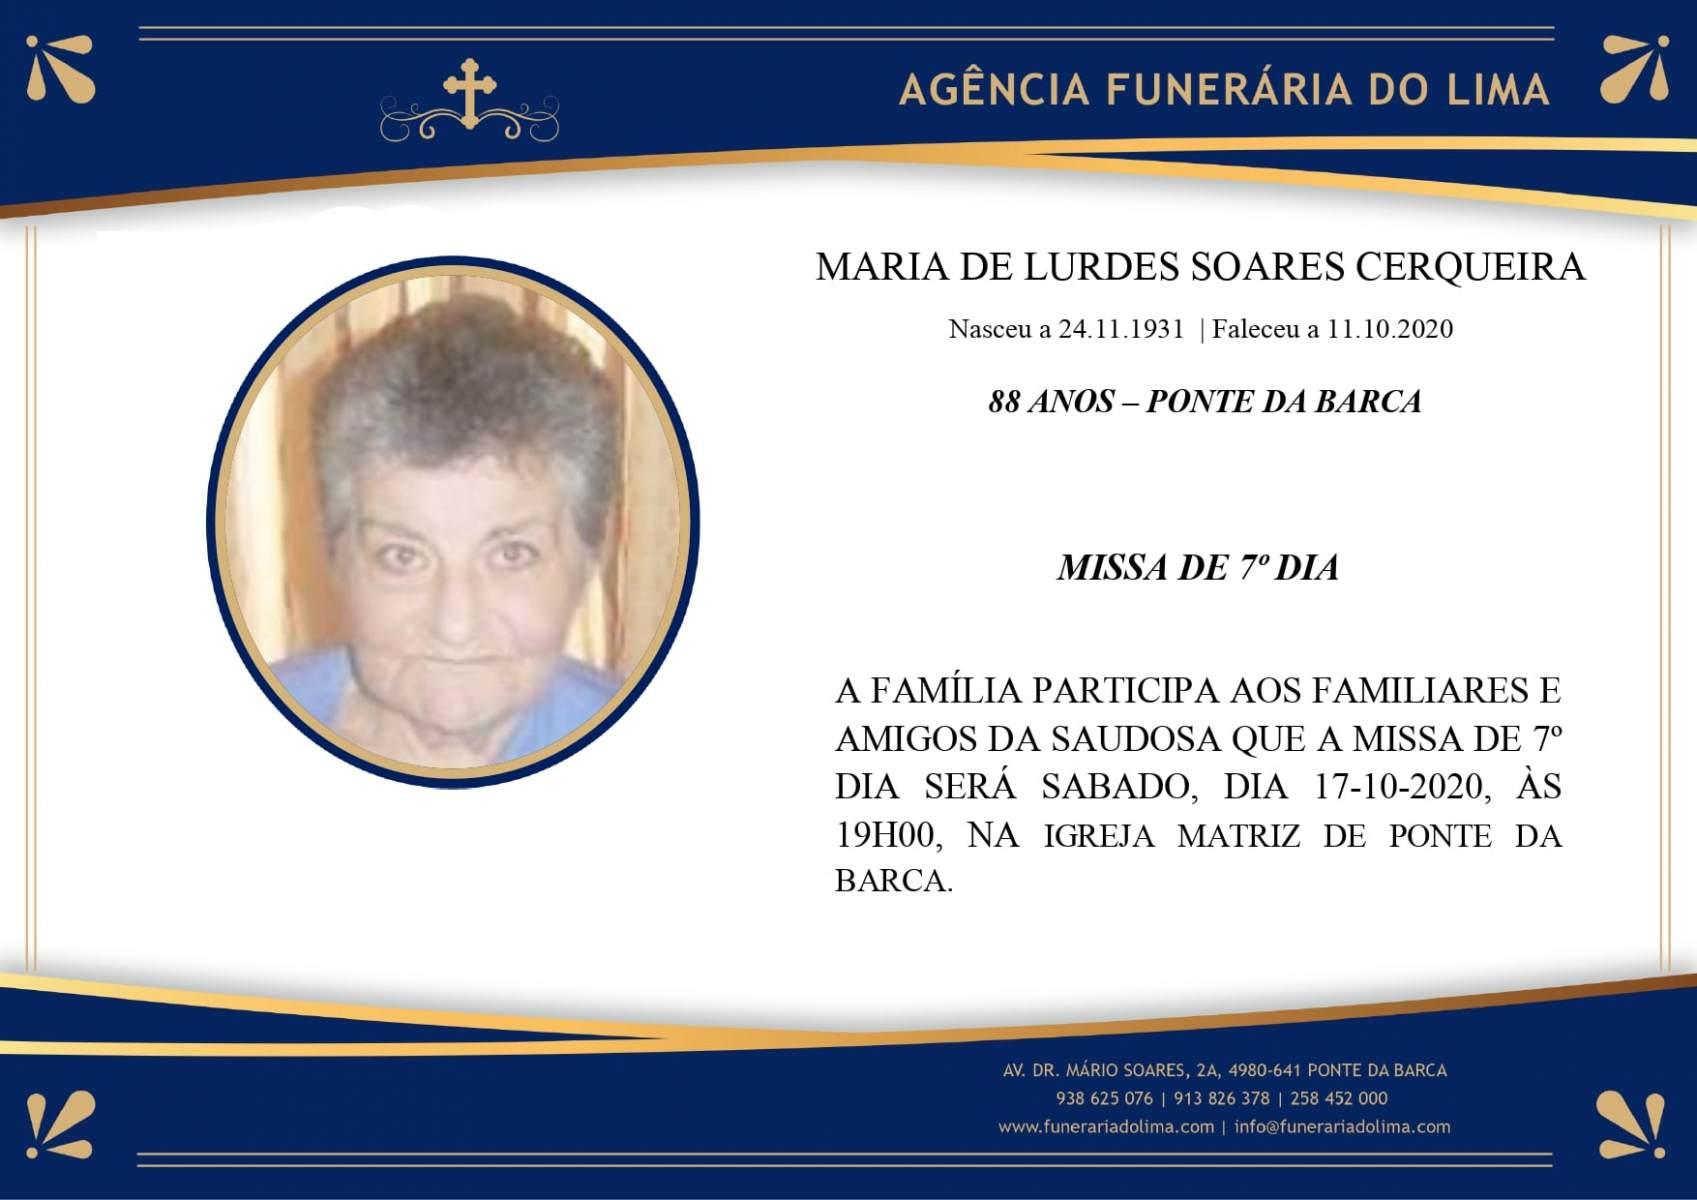 Maria Lurdes Soares Cerqueira